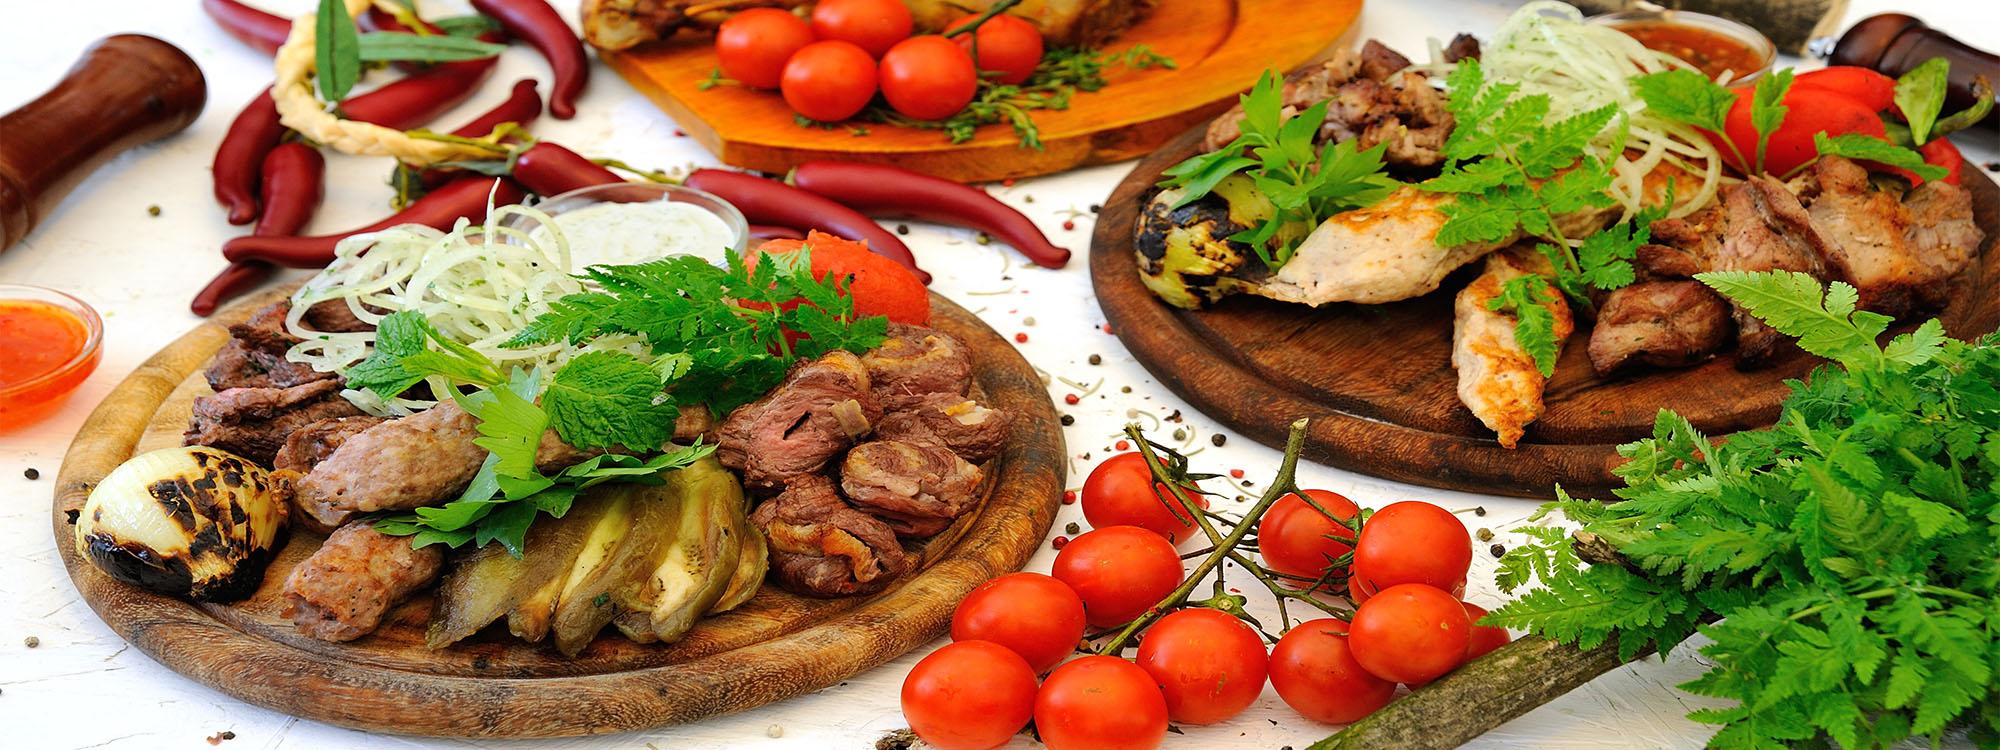 Privater Tischgrill mit 10 verschiedenen Sorten Fleisch, Grillgemüse, Grillsaucen und Beilagen